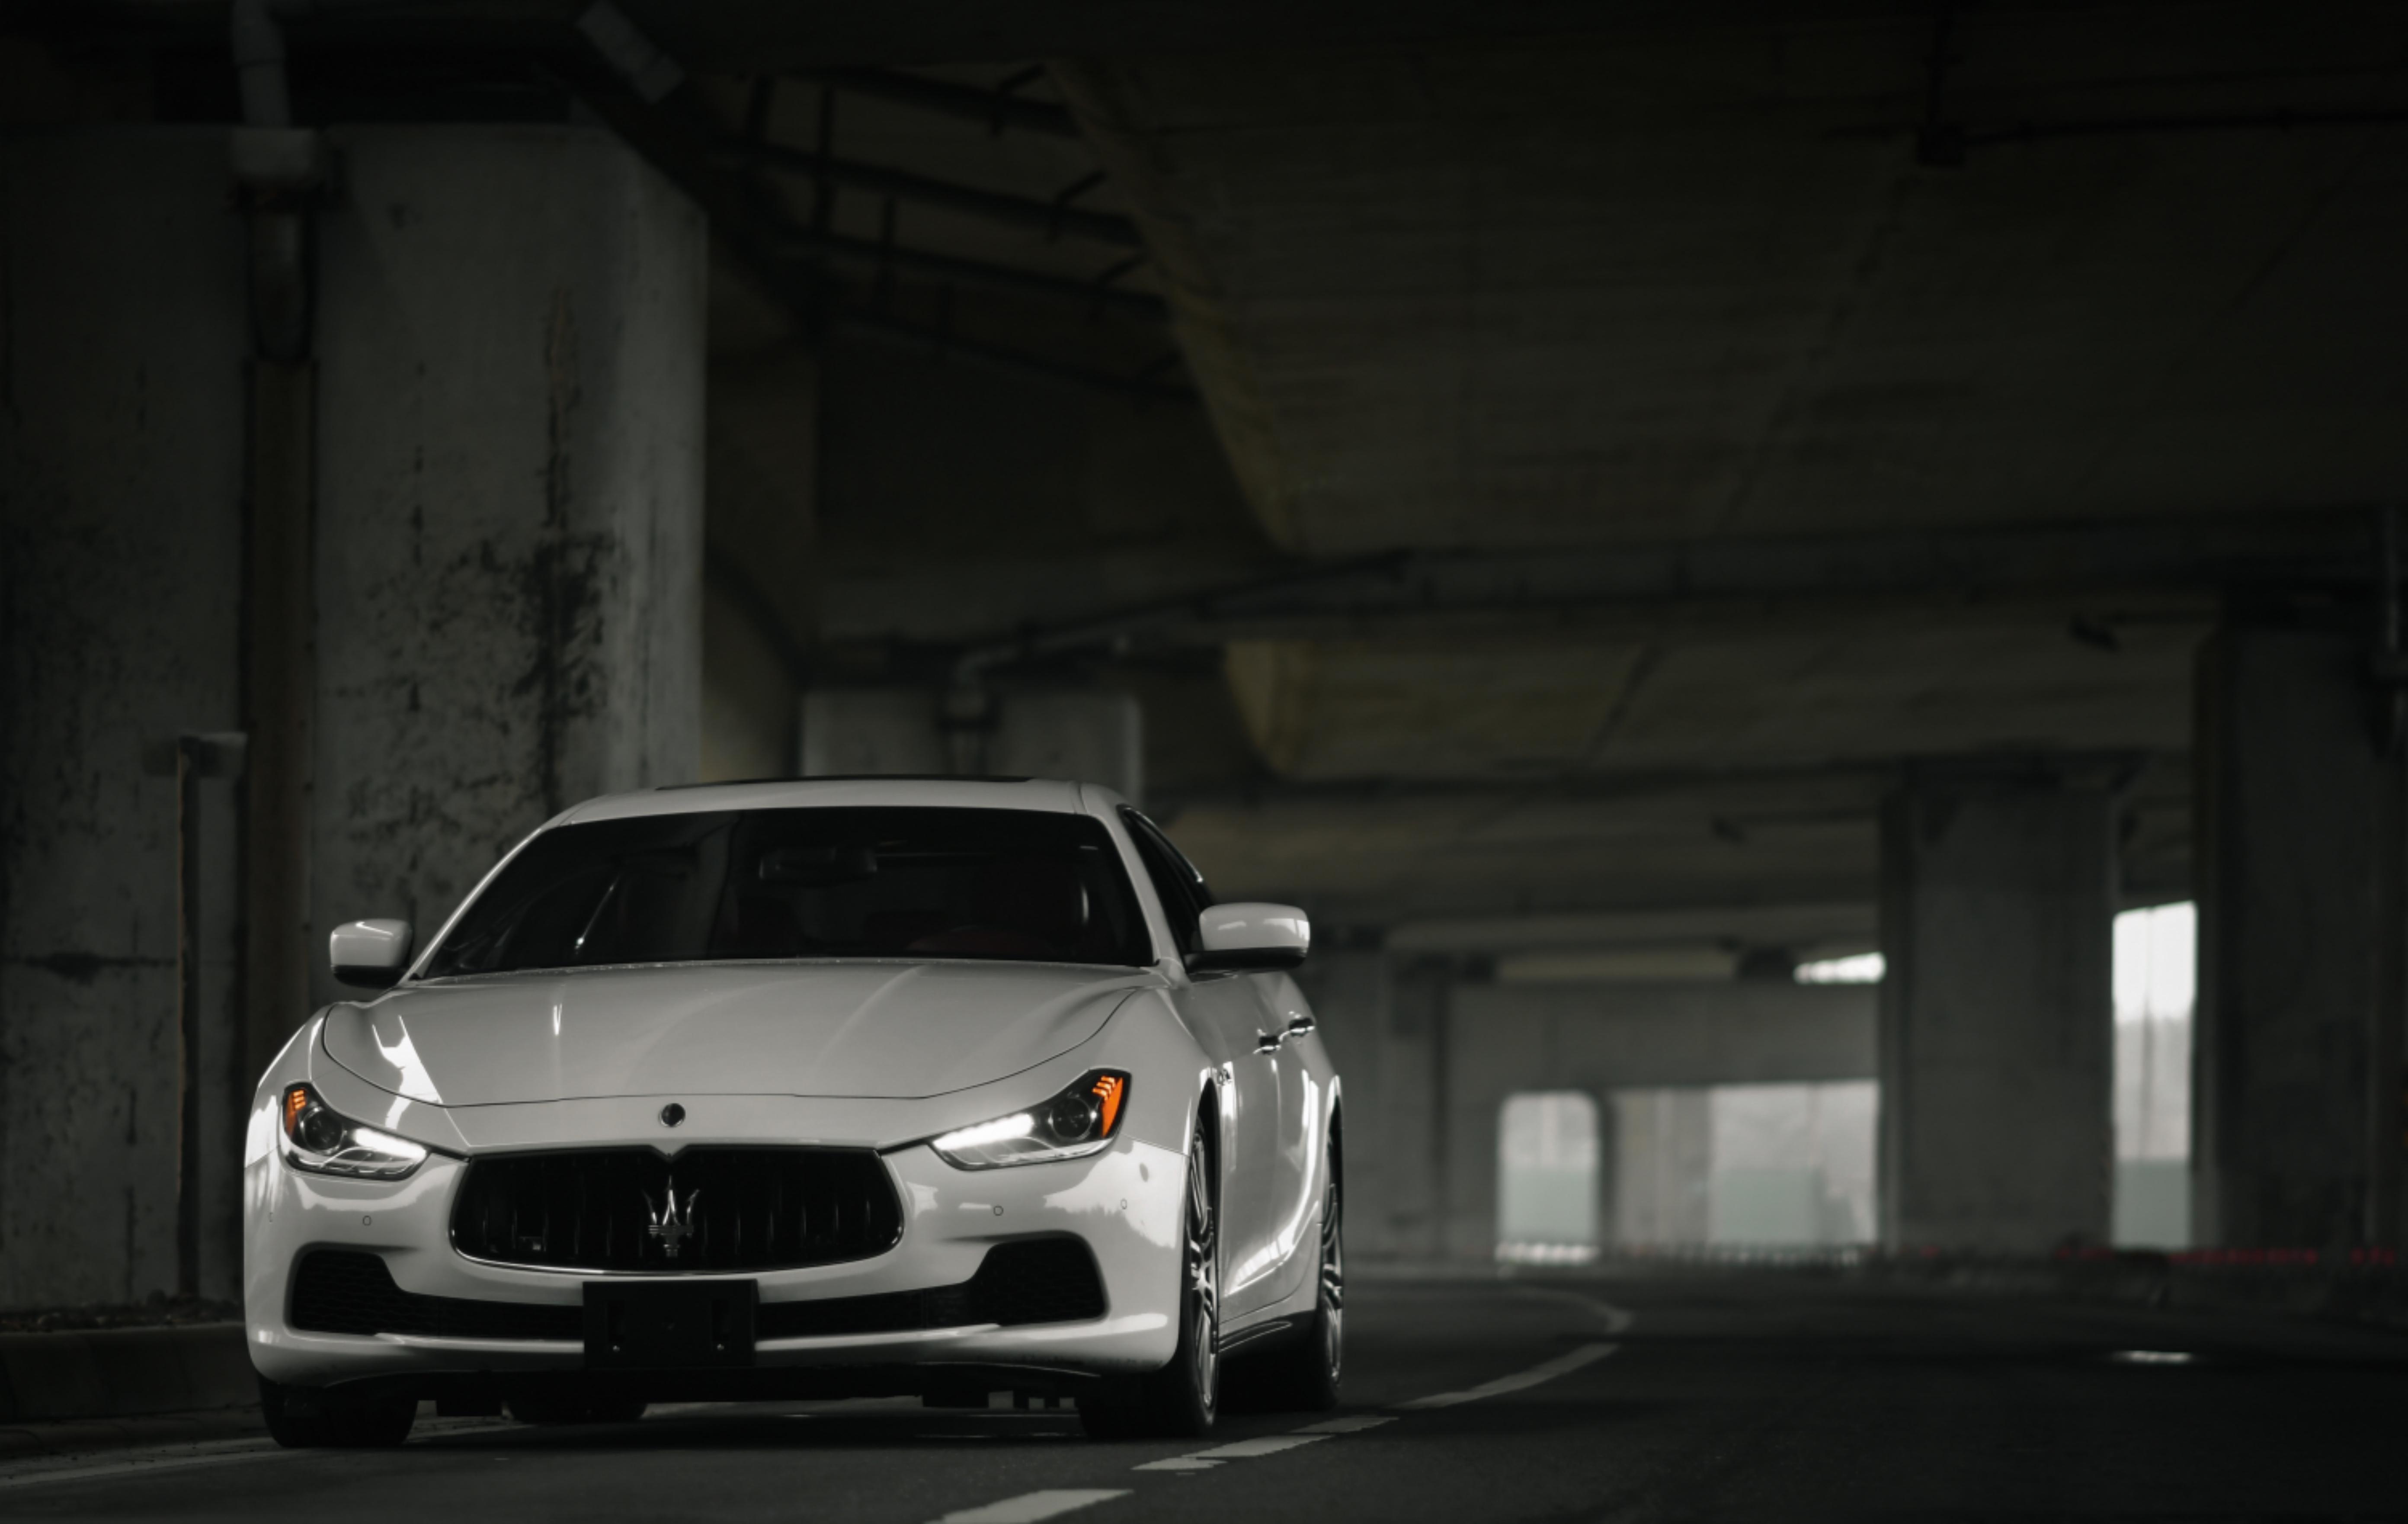 107151 Hintergrundbild herunterladen Maserati, Cars, Der Verkehr, Bewegung, Vorderansicht, Frontansicht, Maserati Ghibli - Bildschirmschoner und Bilder kostenlos